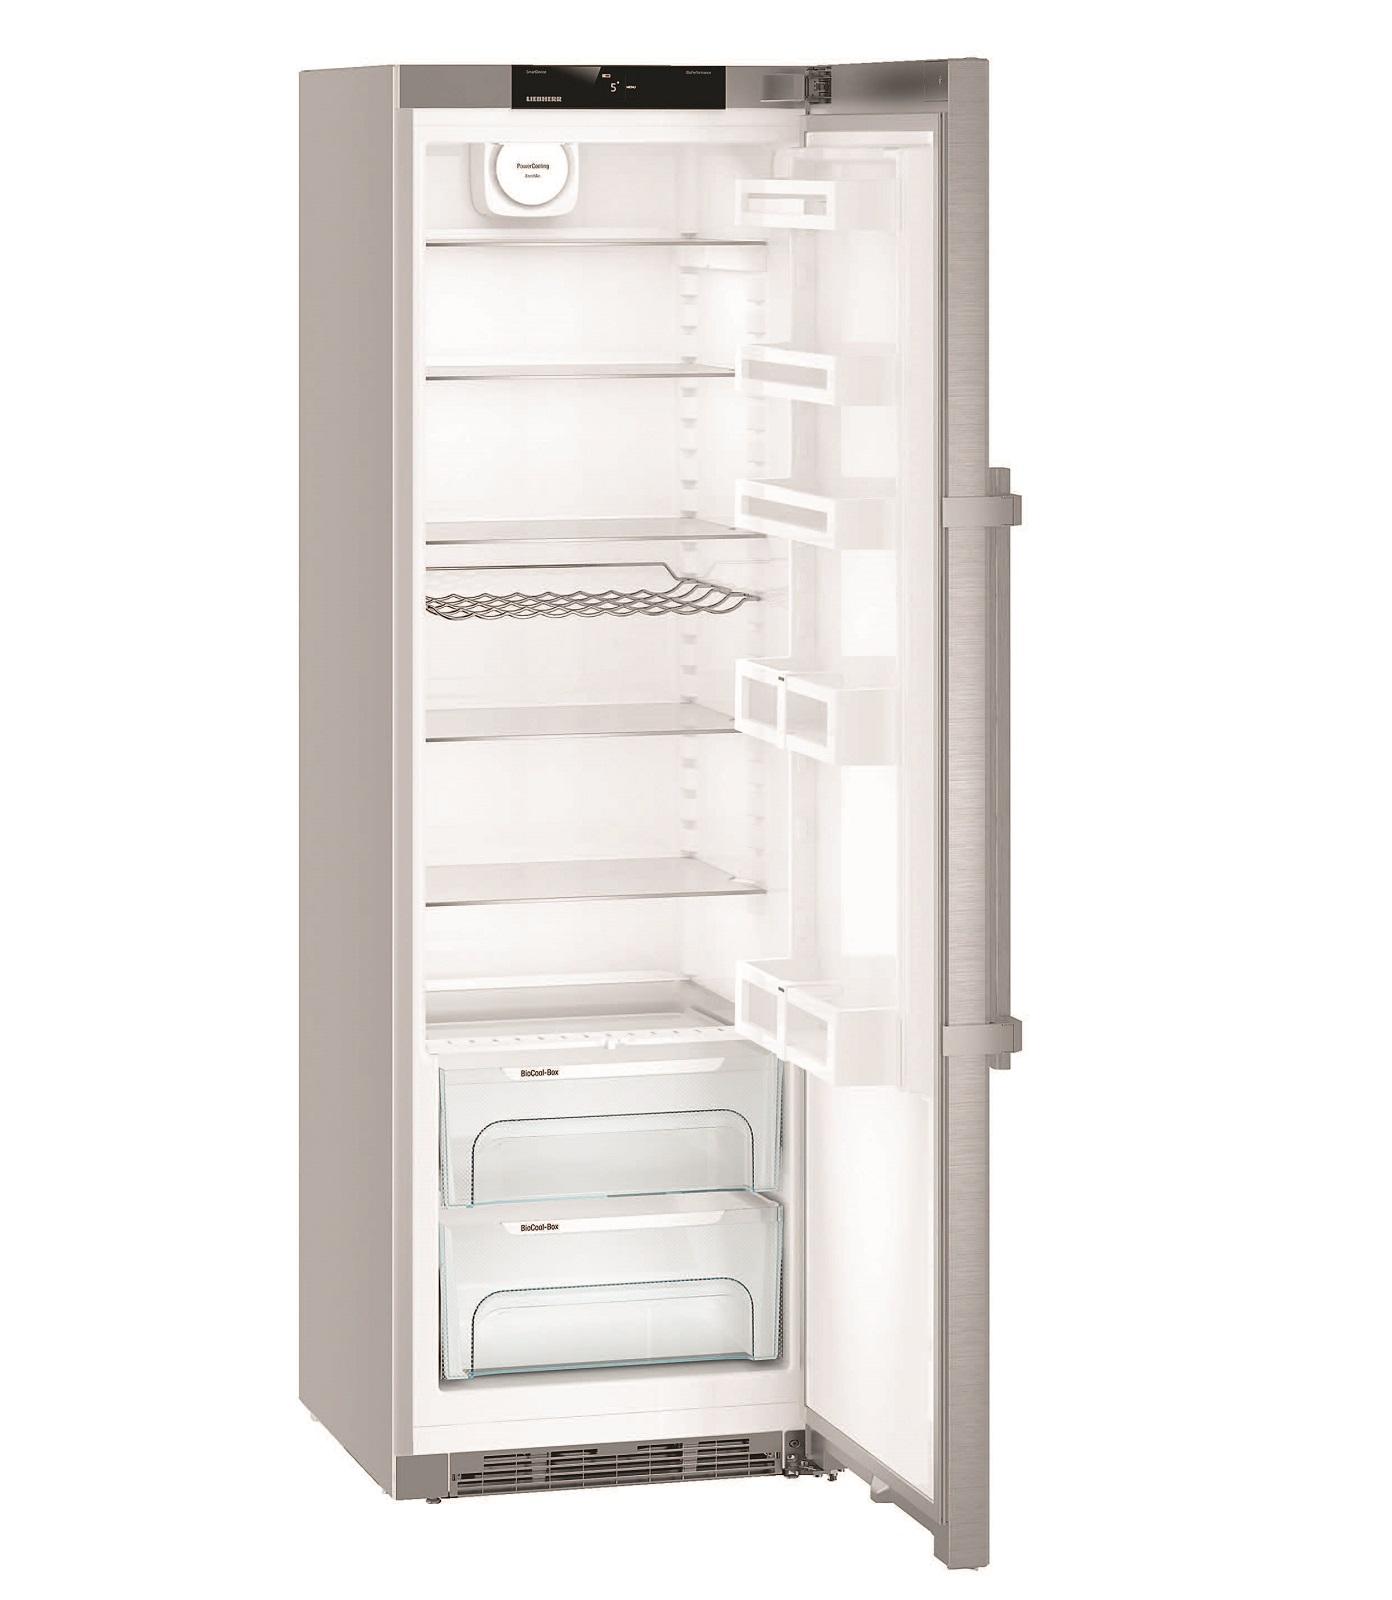 купить Однокамерный холодильник Liebherr Kef 4330 Украина фото 1